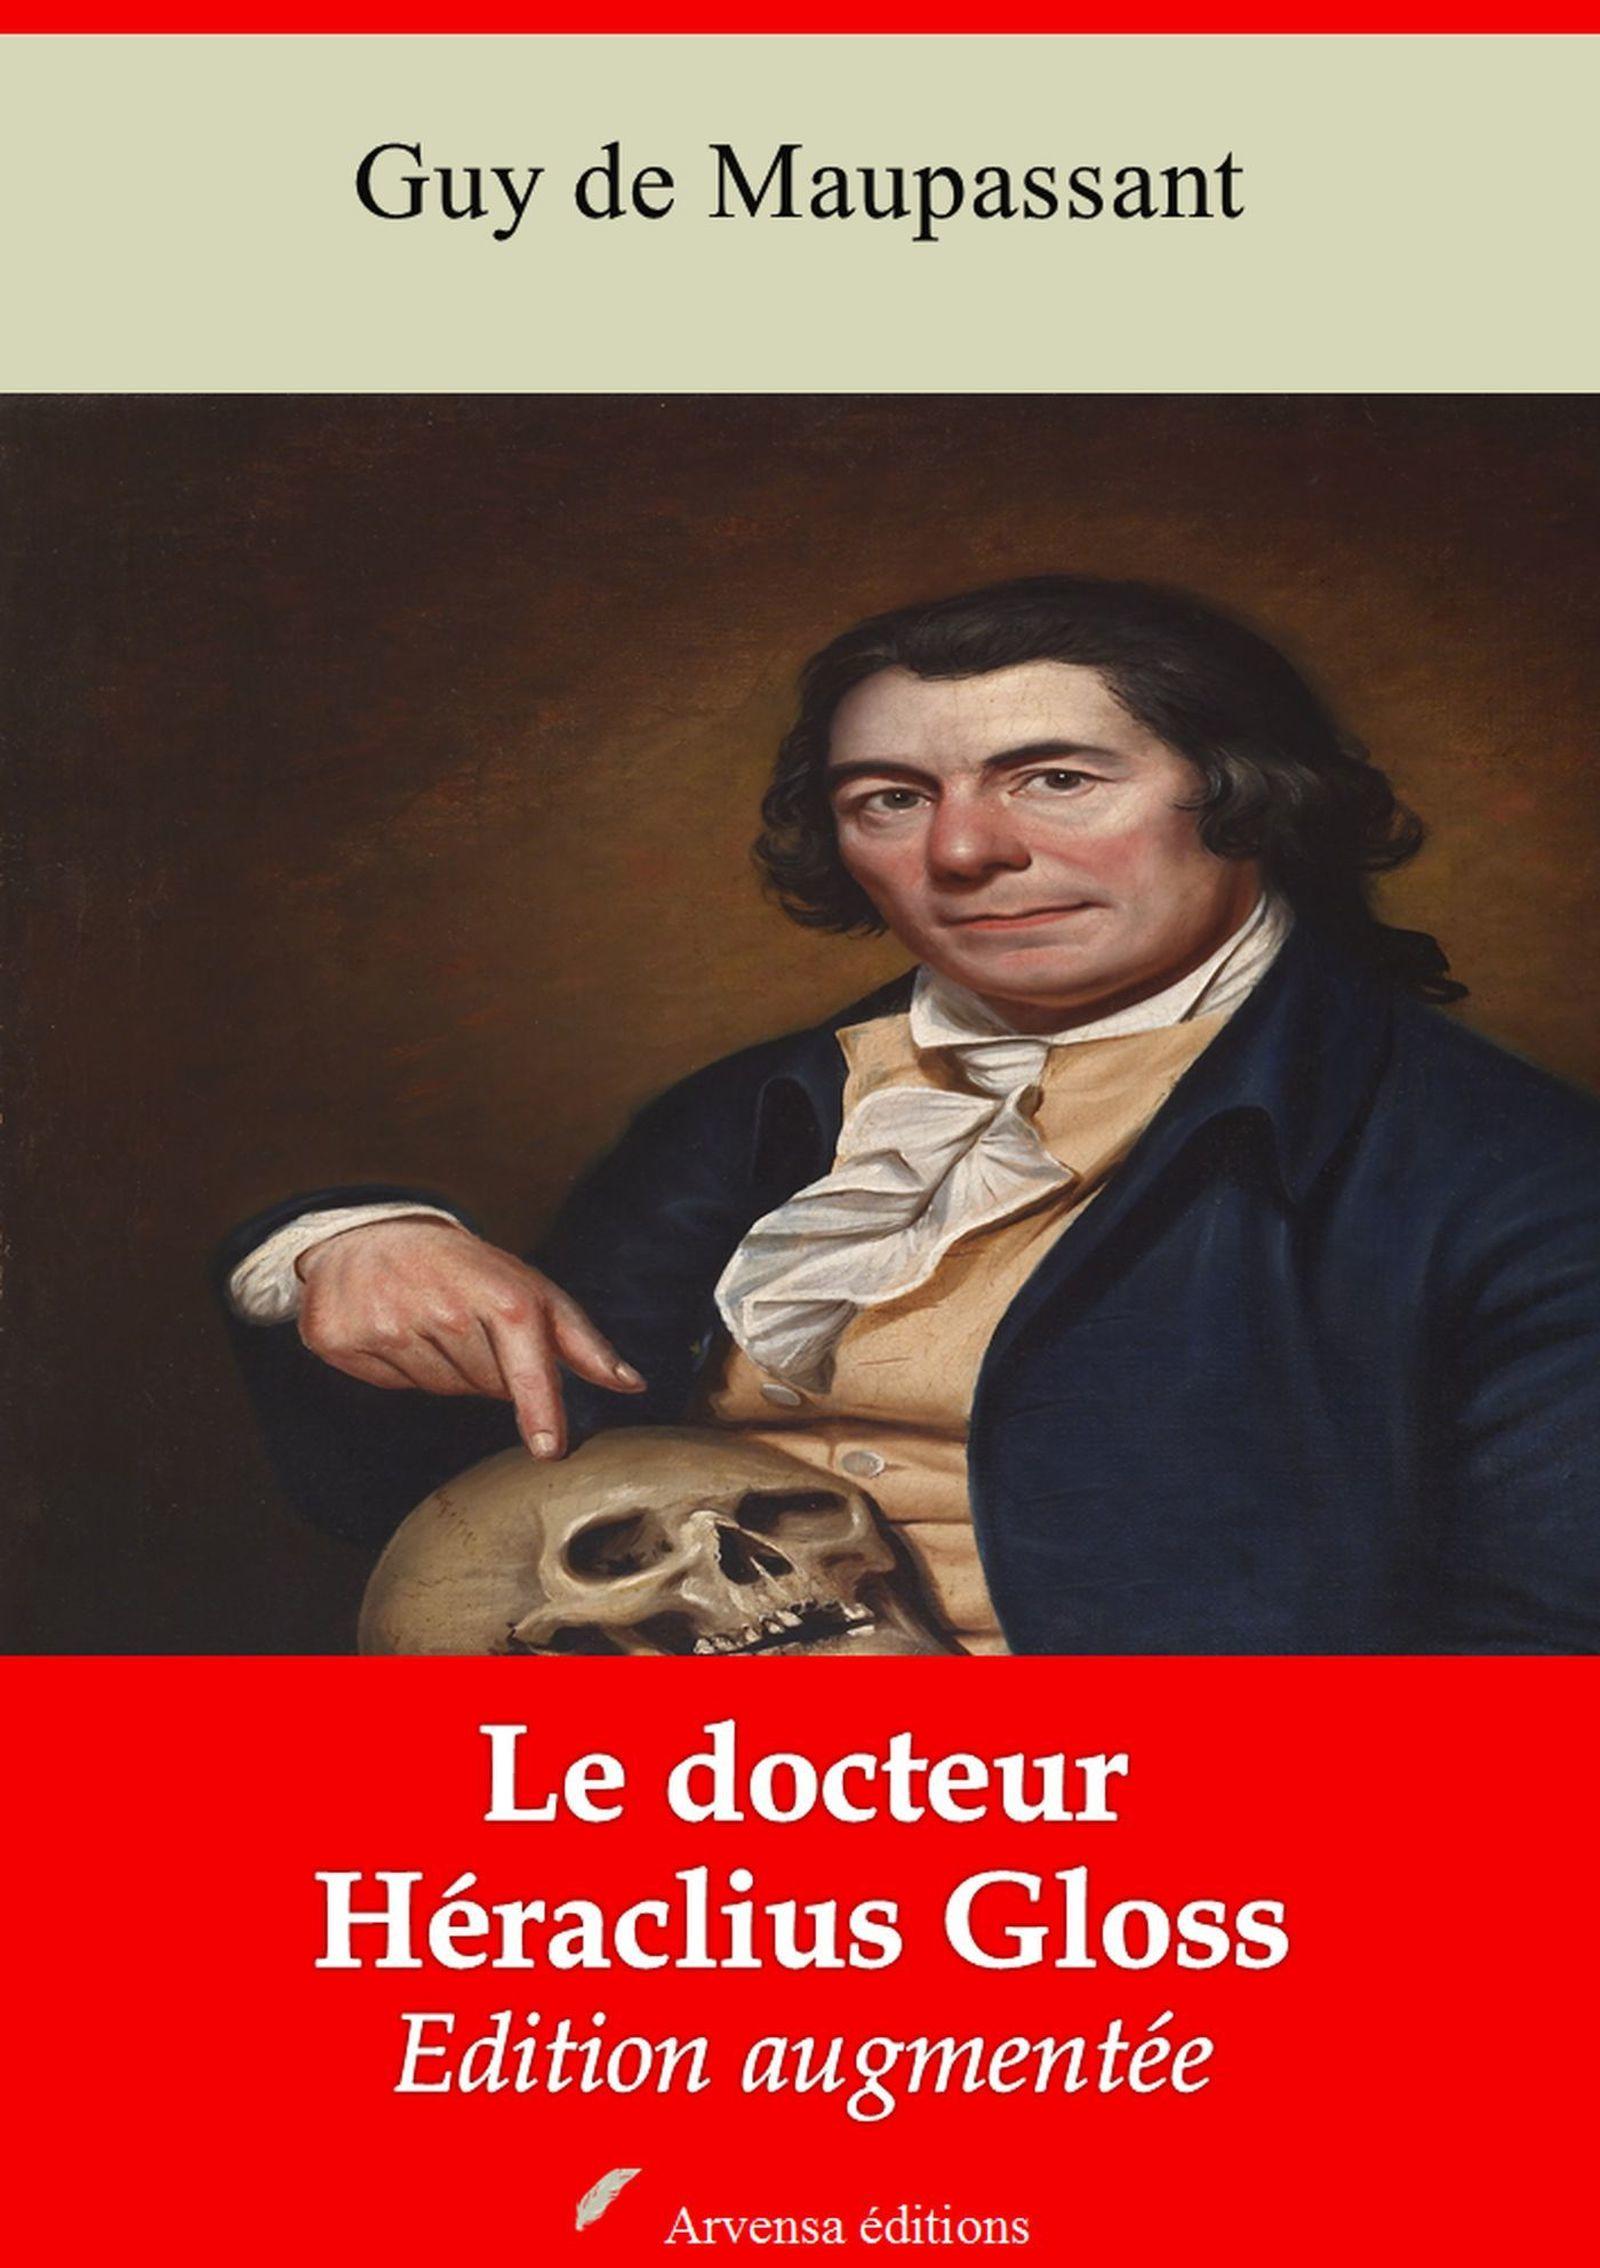 Le Docteur Héraclius Gloss - suivi d'annexes